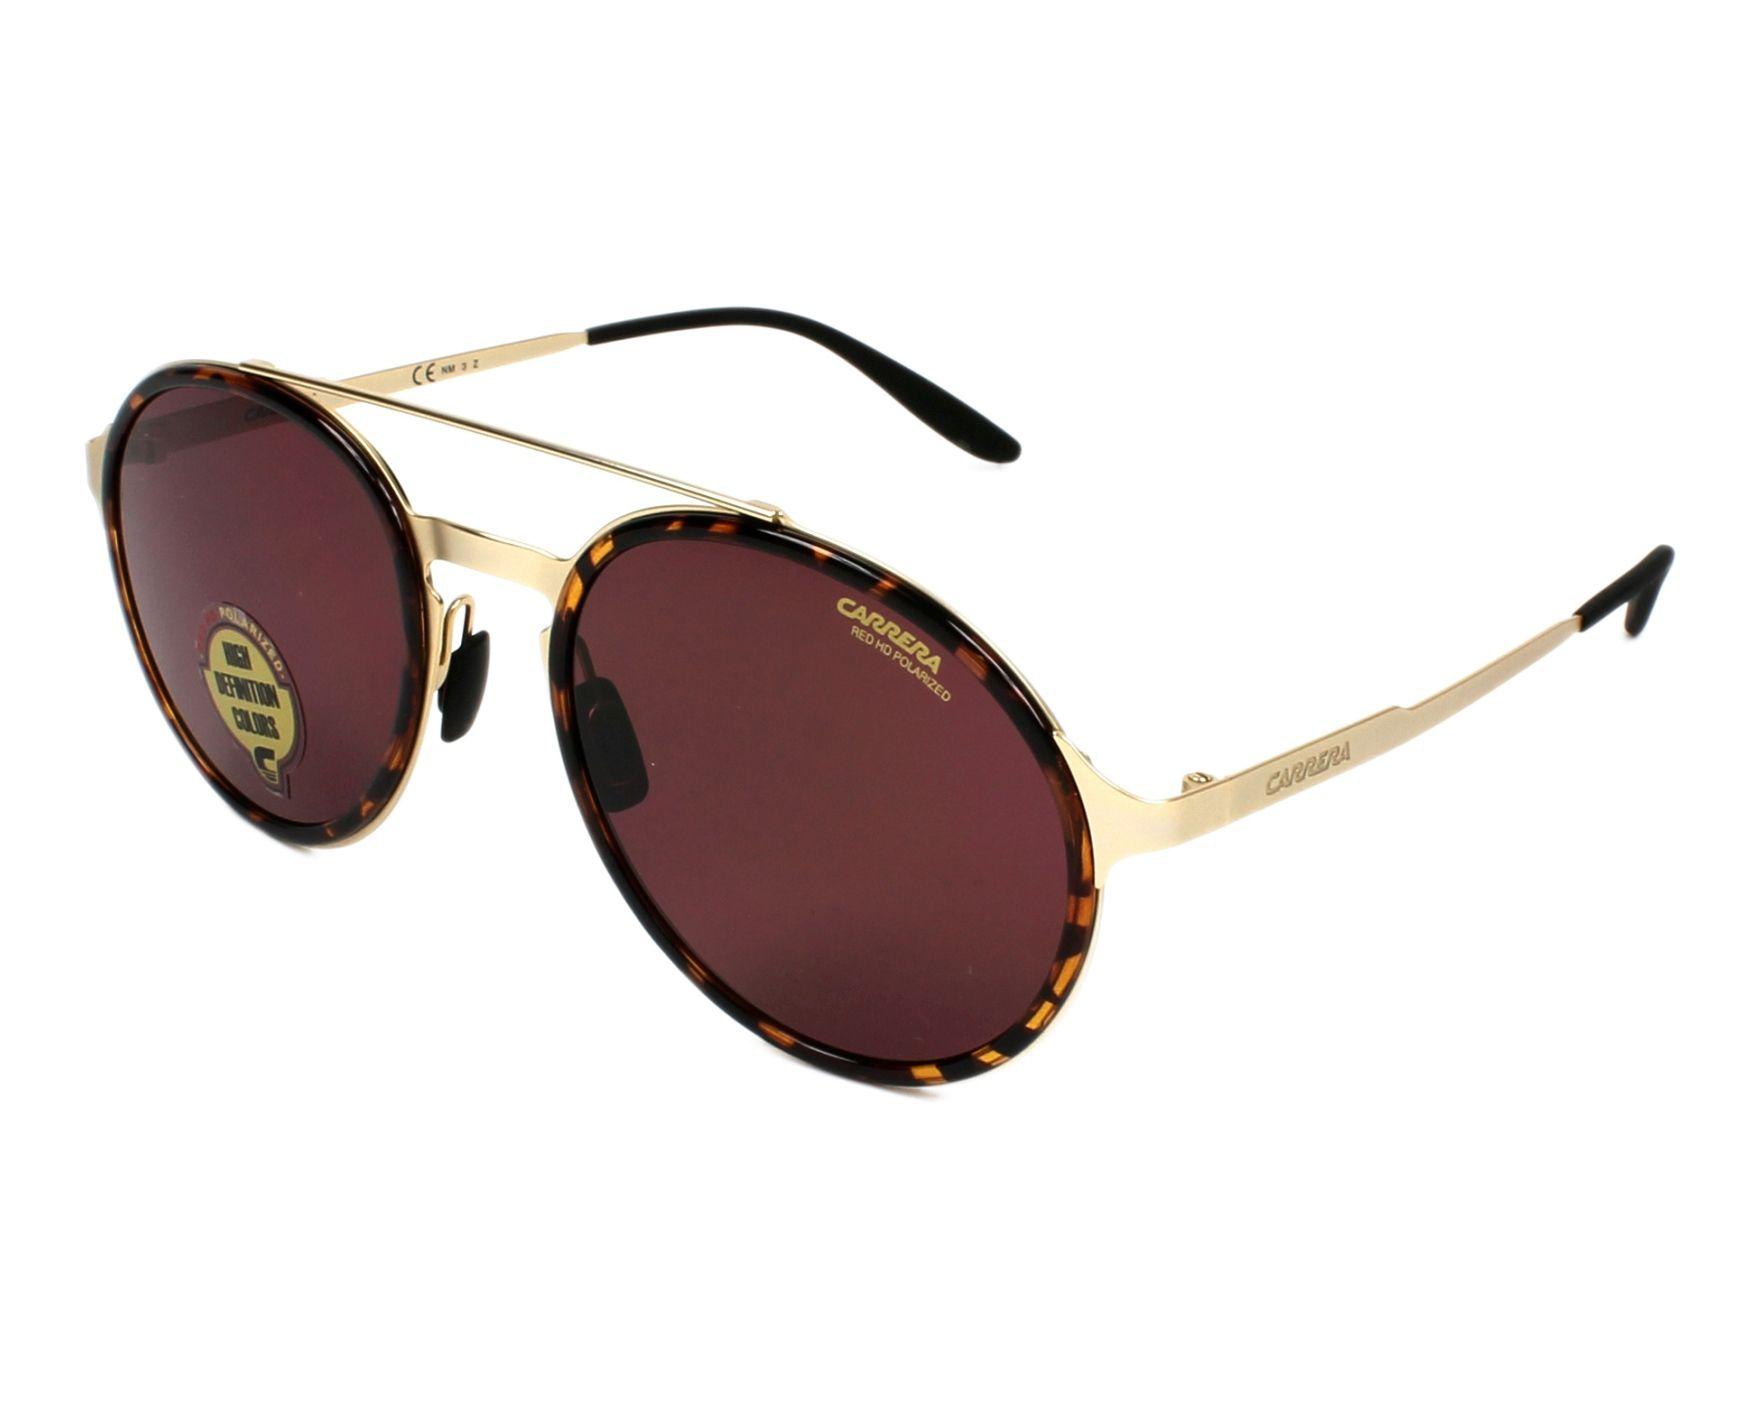 ab7dc40e500 Sunglasses Carrera CARRERA-140-S 8SO W6 53-20 Gold Havana profile